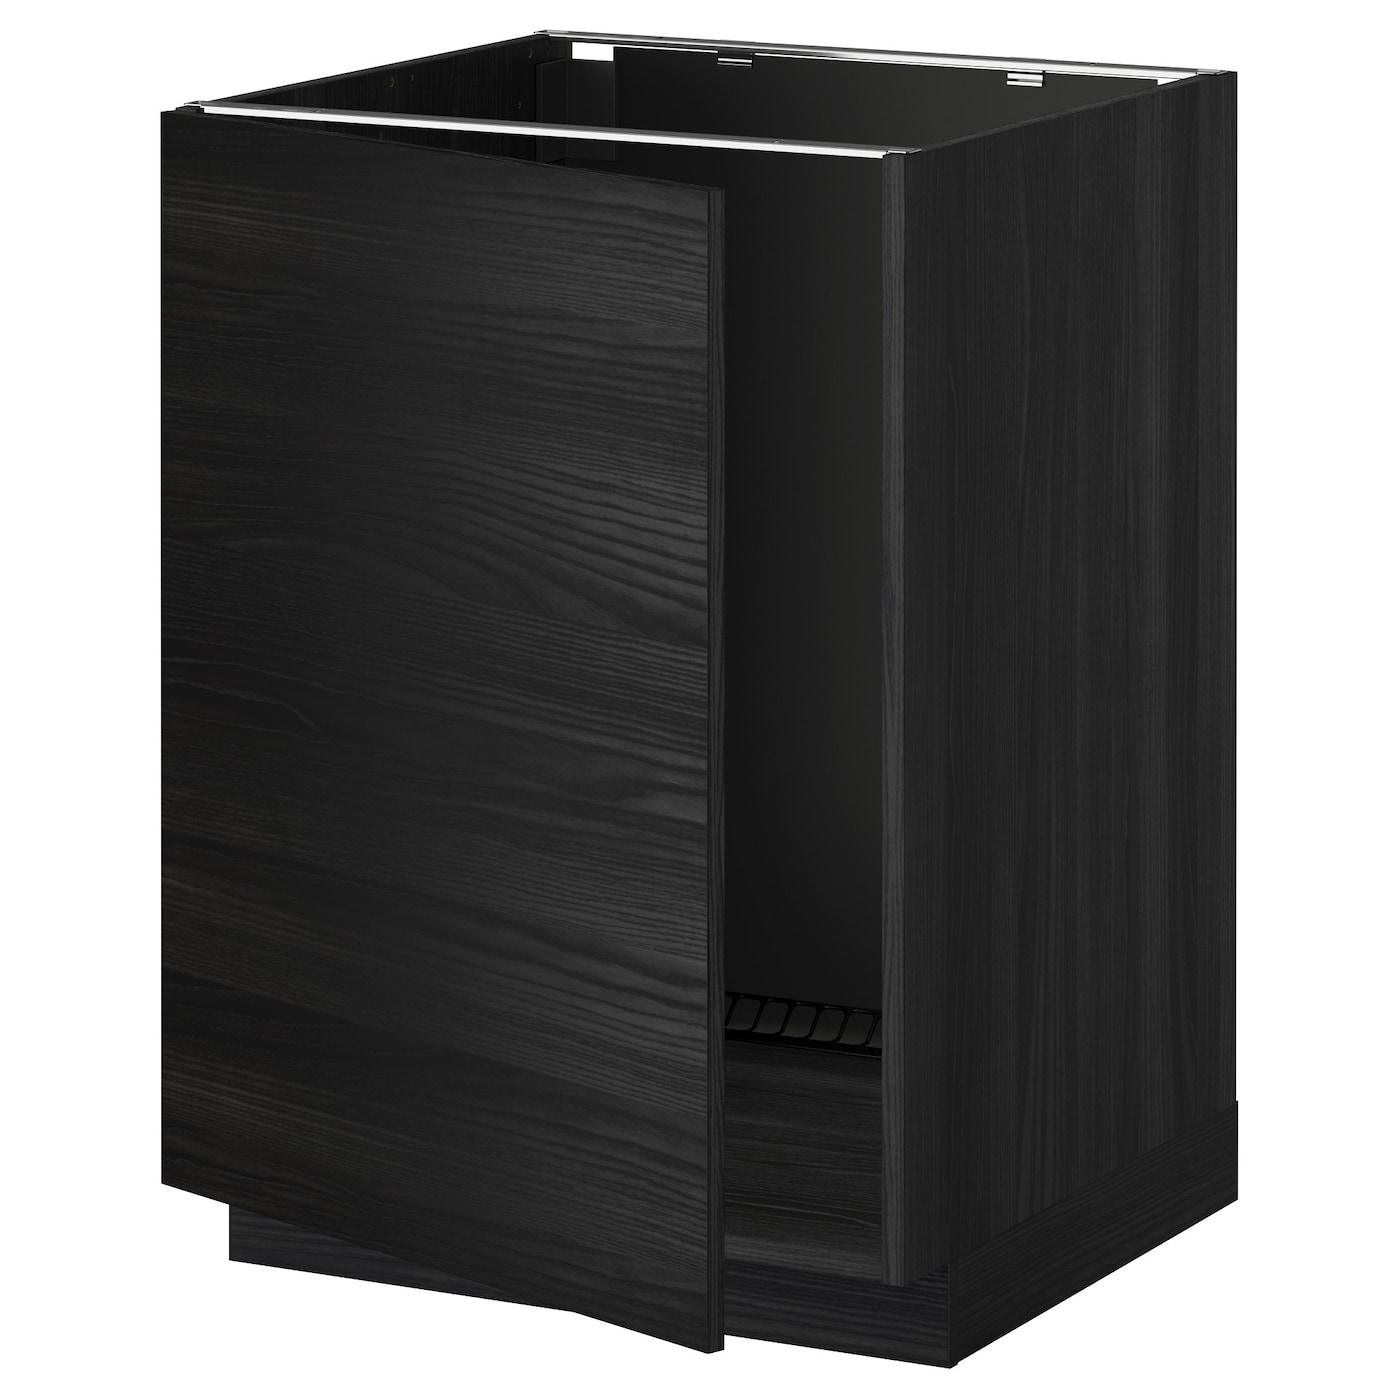 METOD Base Cabinet For Sink Black/tingsryd Black 60 X 60 Cm